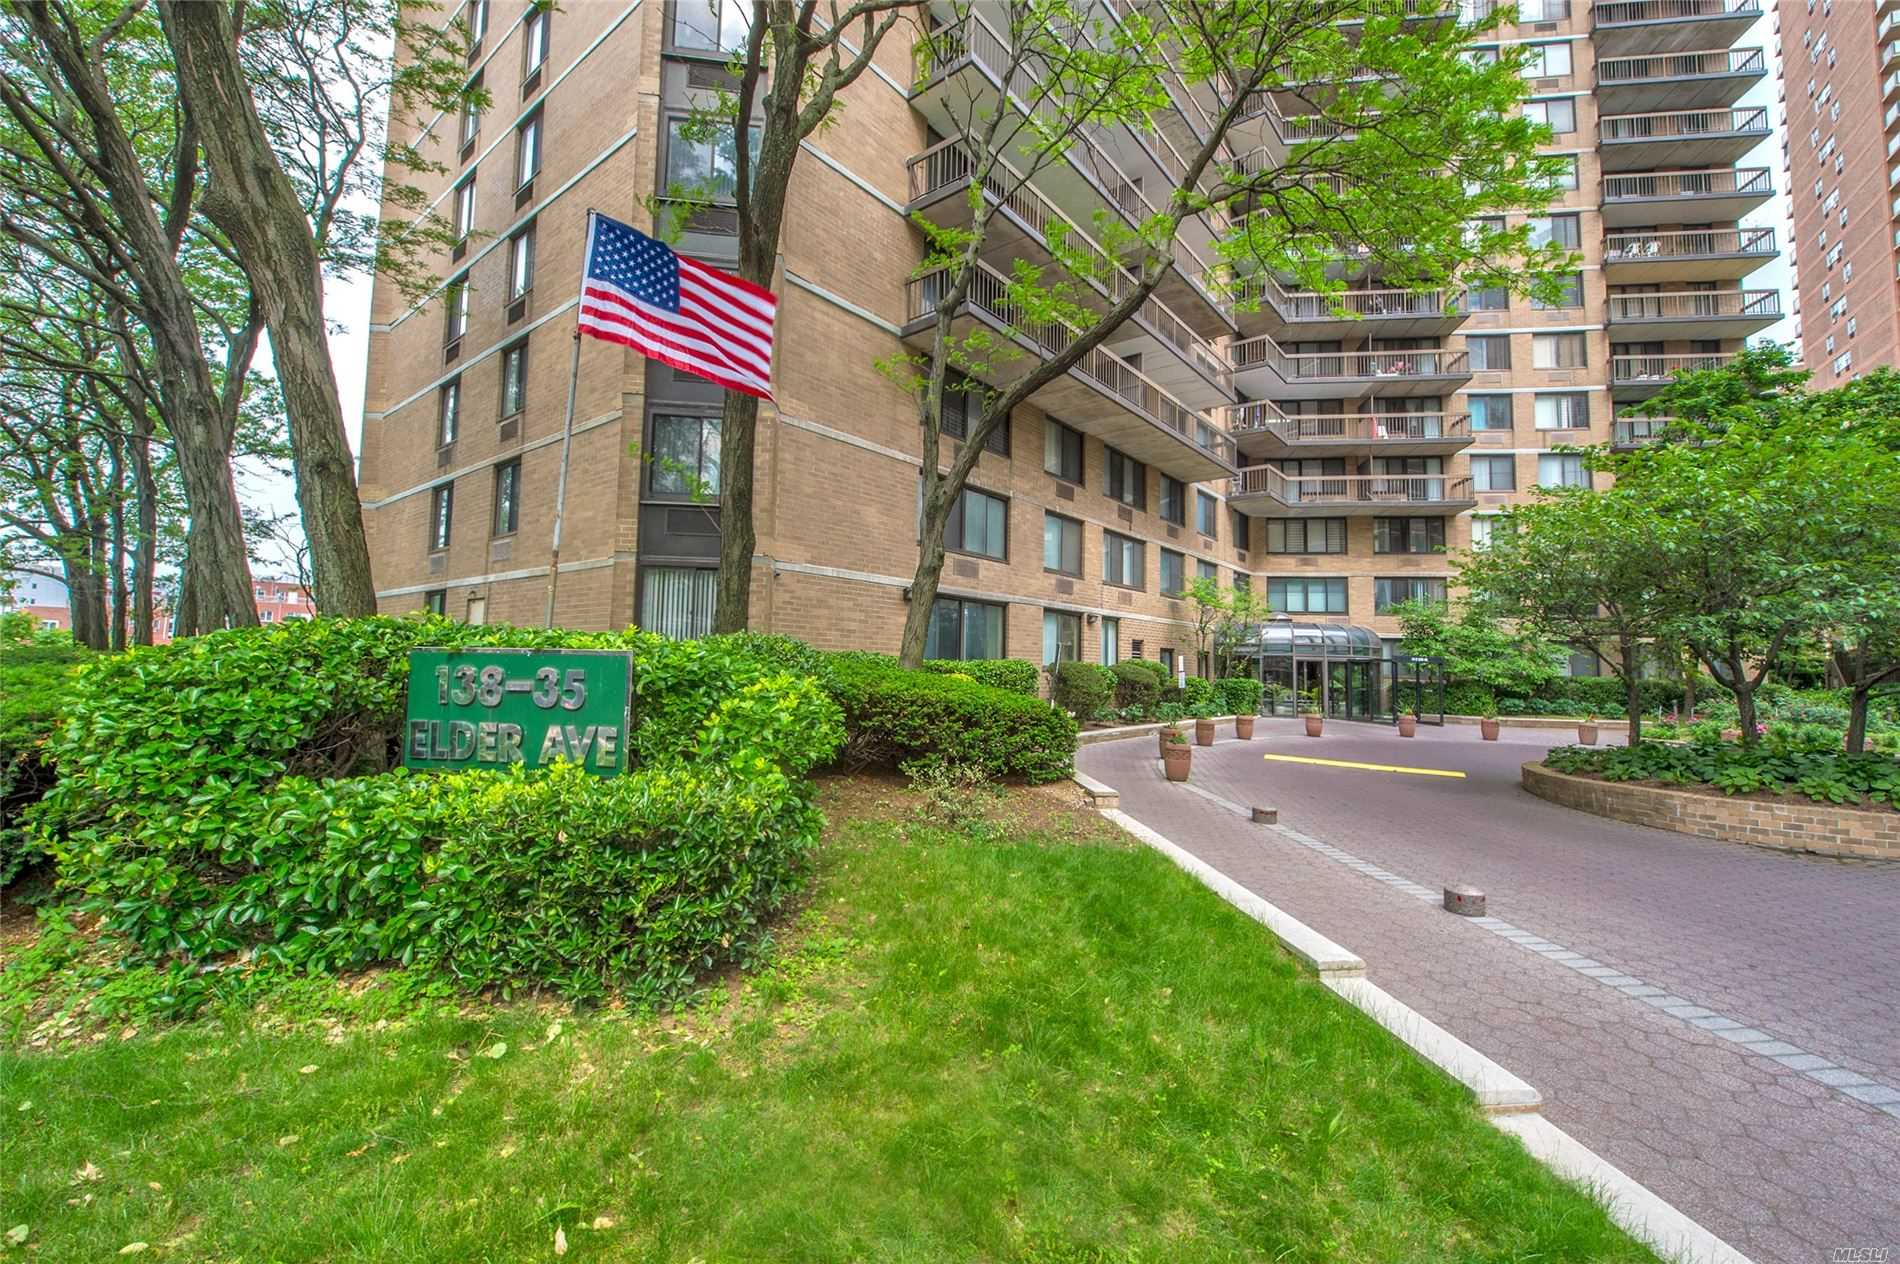 138-35 Elder Ave, 4J - Flushing, New York